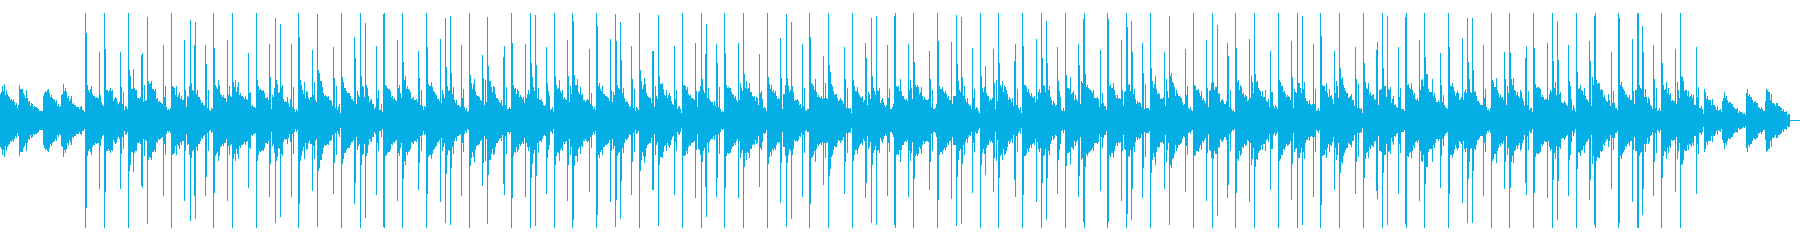 落ち着くシンプルなLo-fiHipHopの再生済みの波形